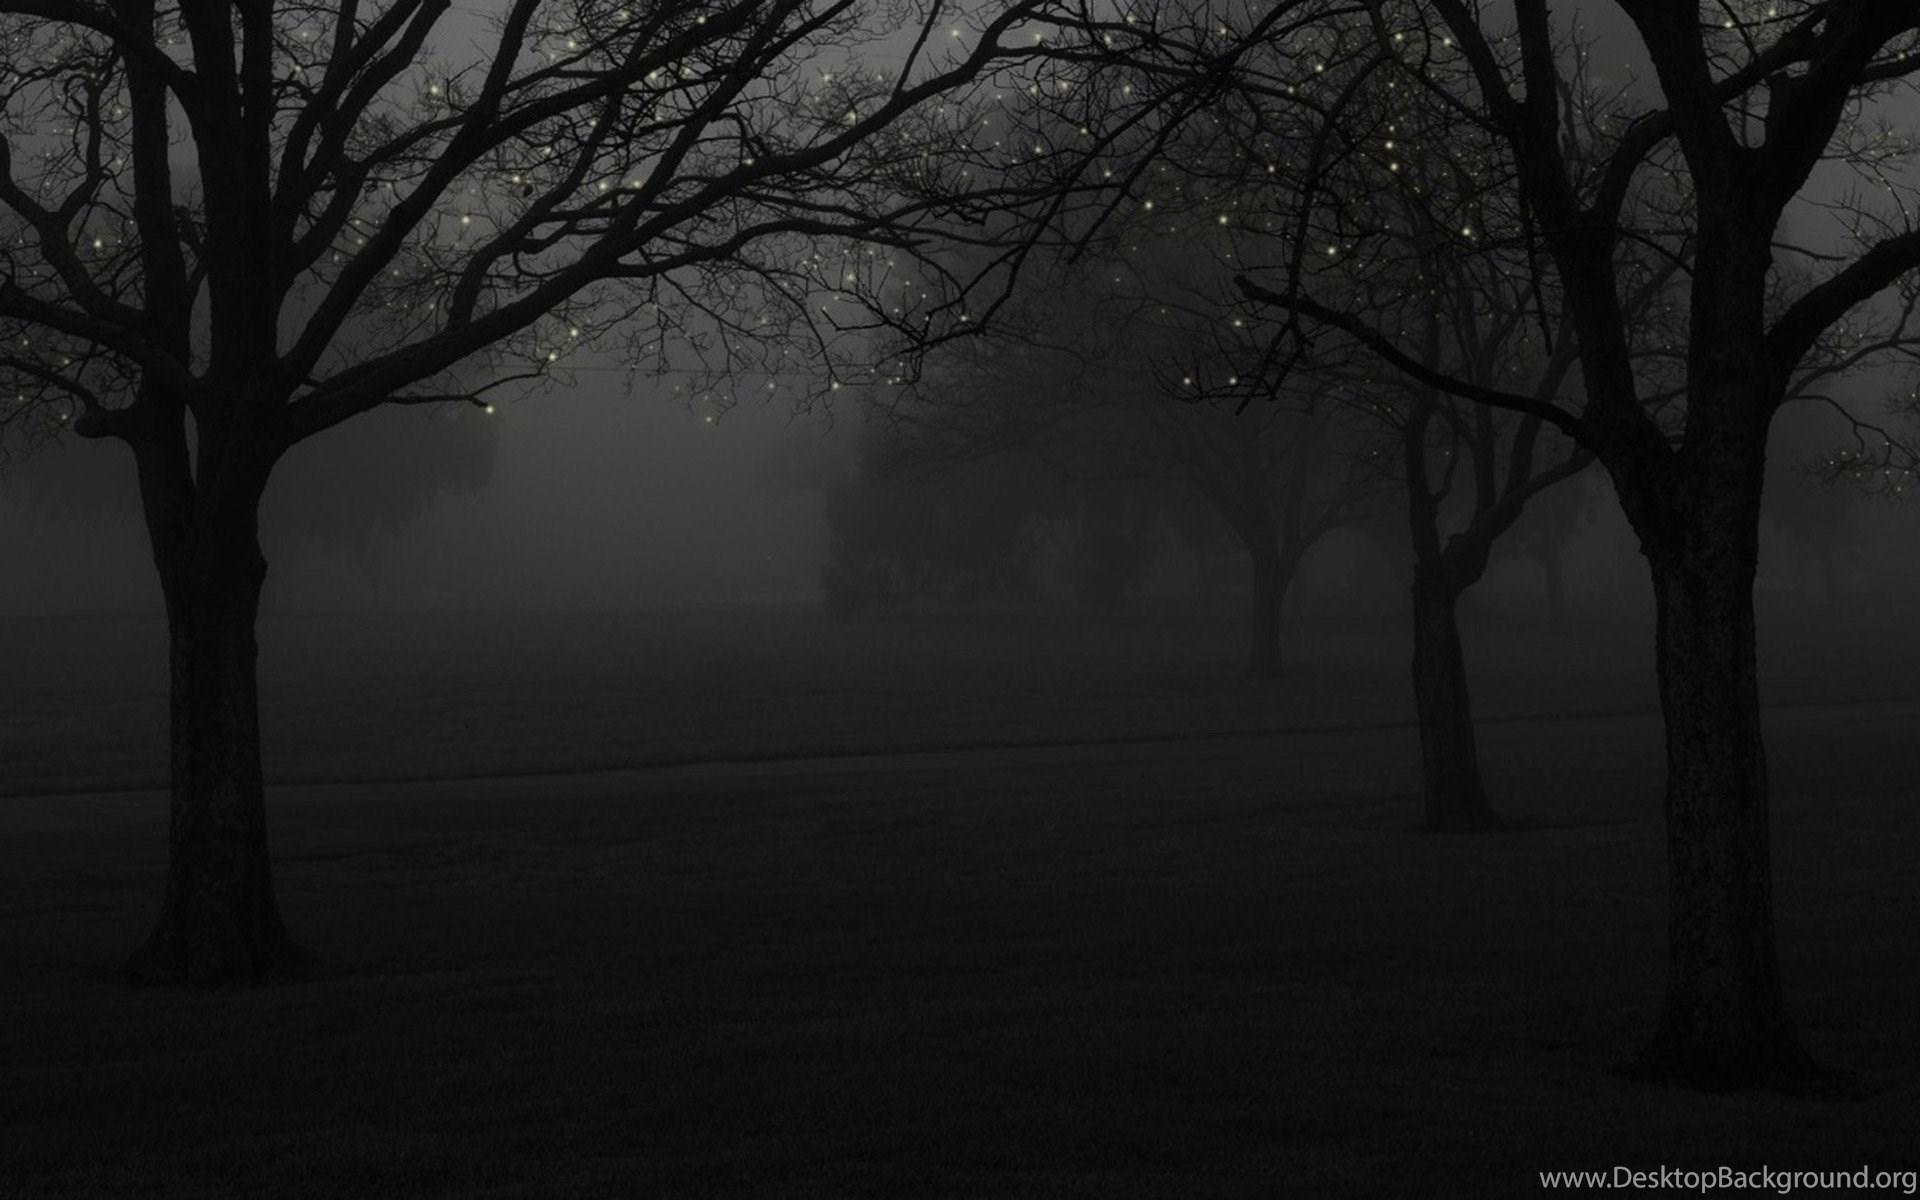 Dim Fog Art Wallpaper, HD Wallpapers Downloads Desktop Background